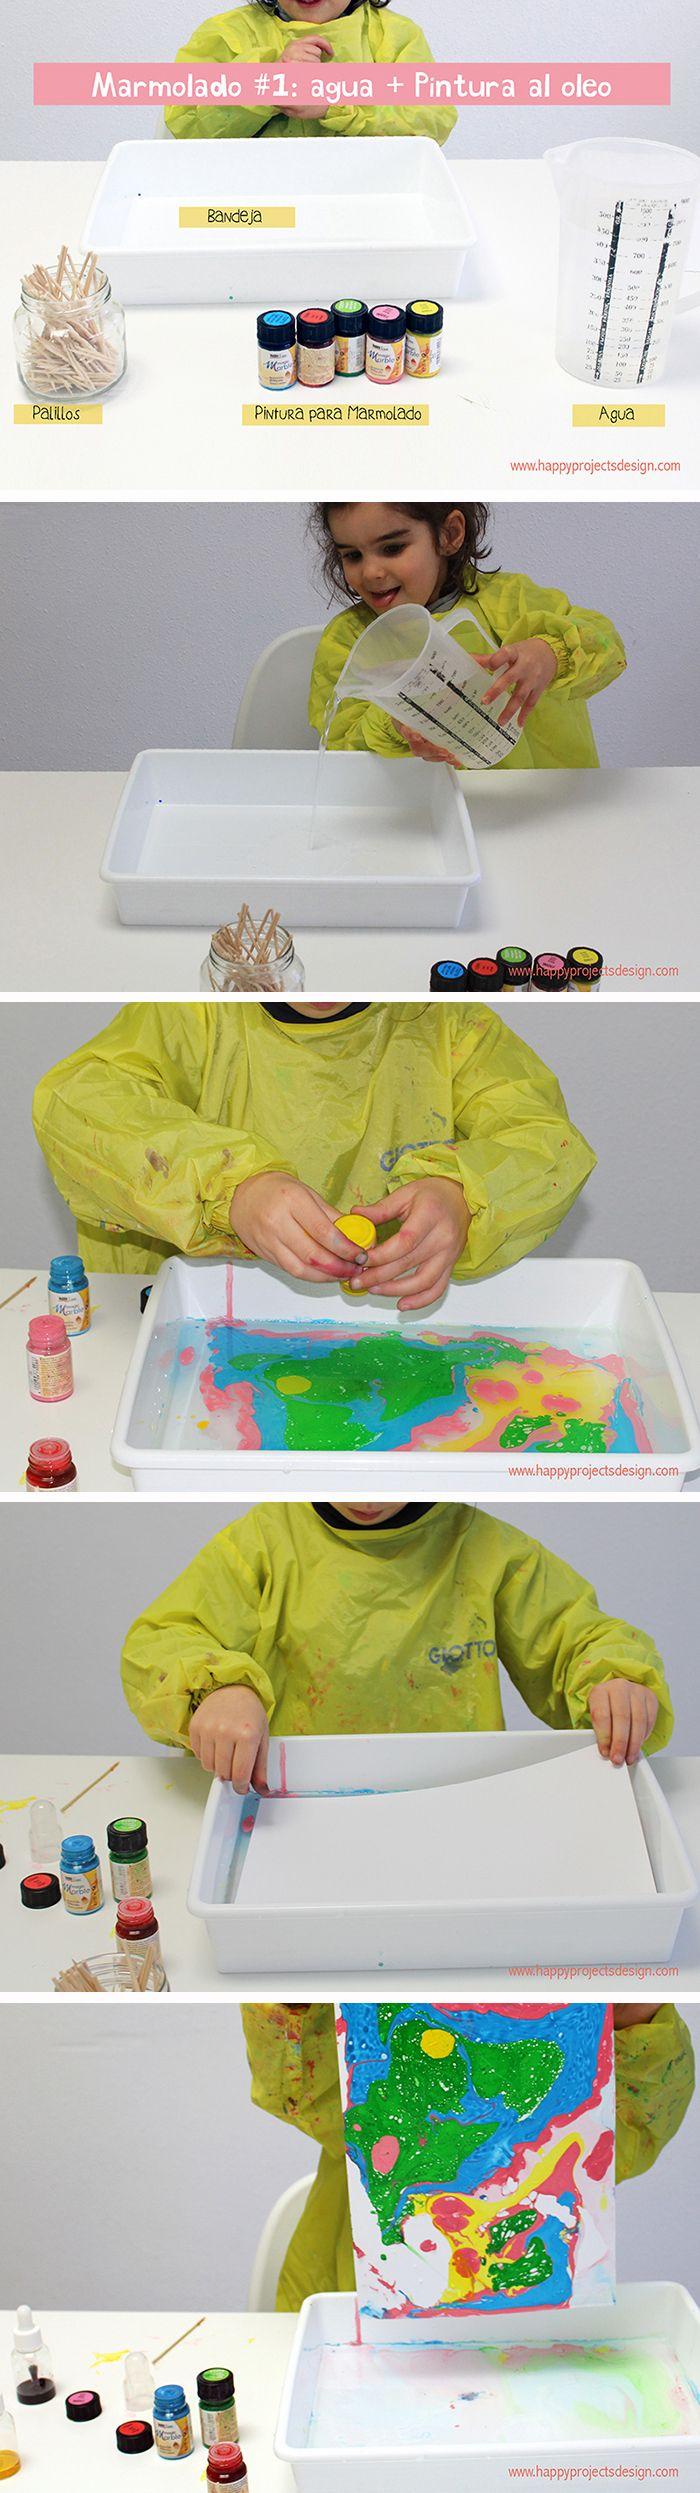 Técnica marmolado con niños #CreaKida #manualidadesconniños